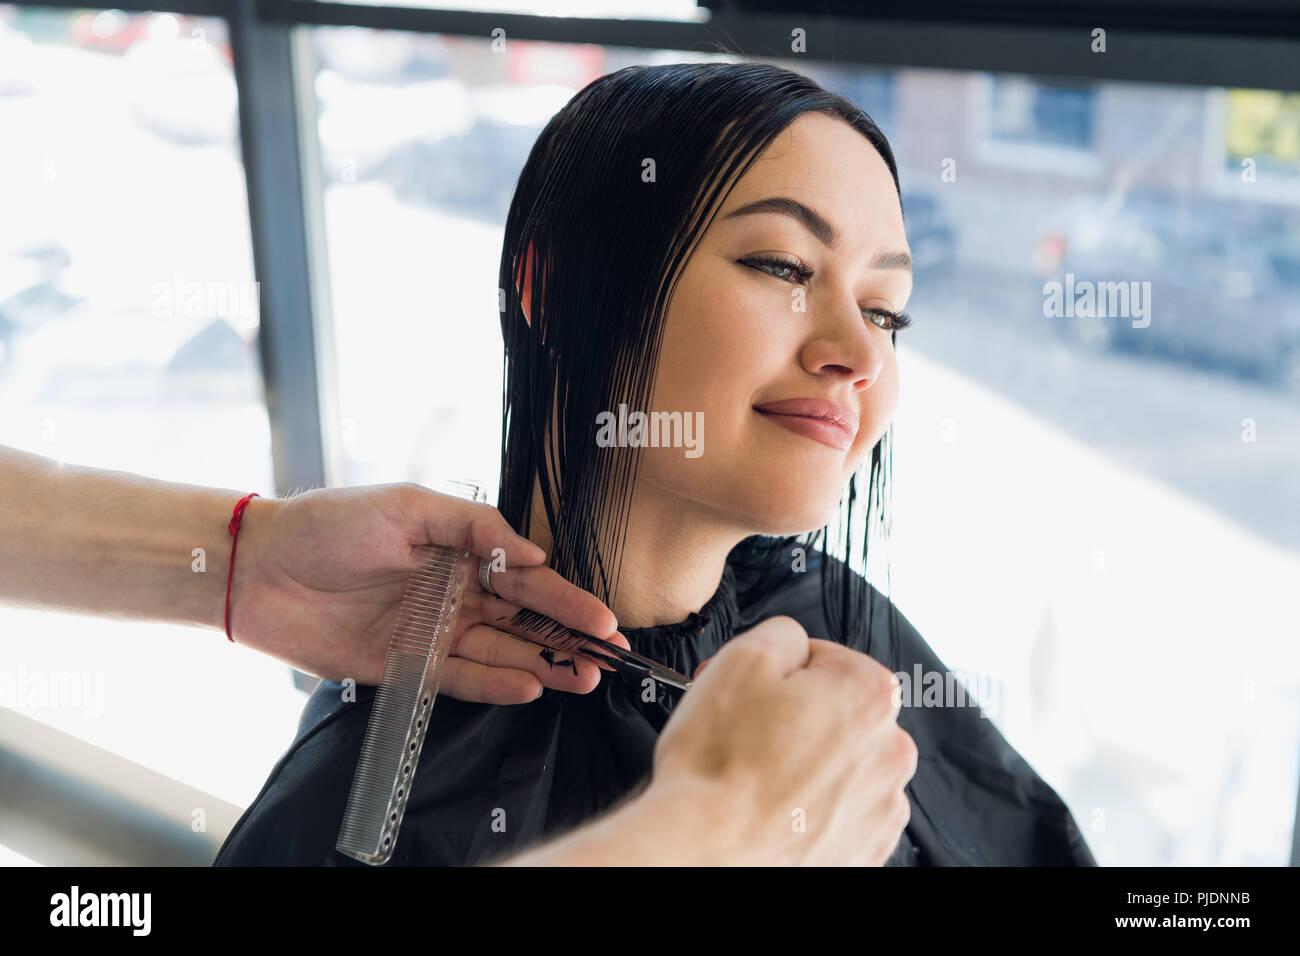 Männliche Friseur einen Haarschnitt für eine schöne Brünette Mädchen im professionellen Friseursalon. Stockbild